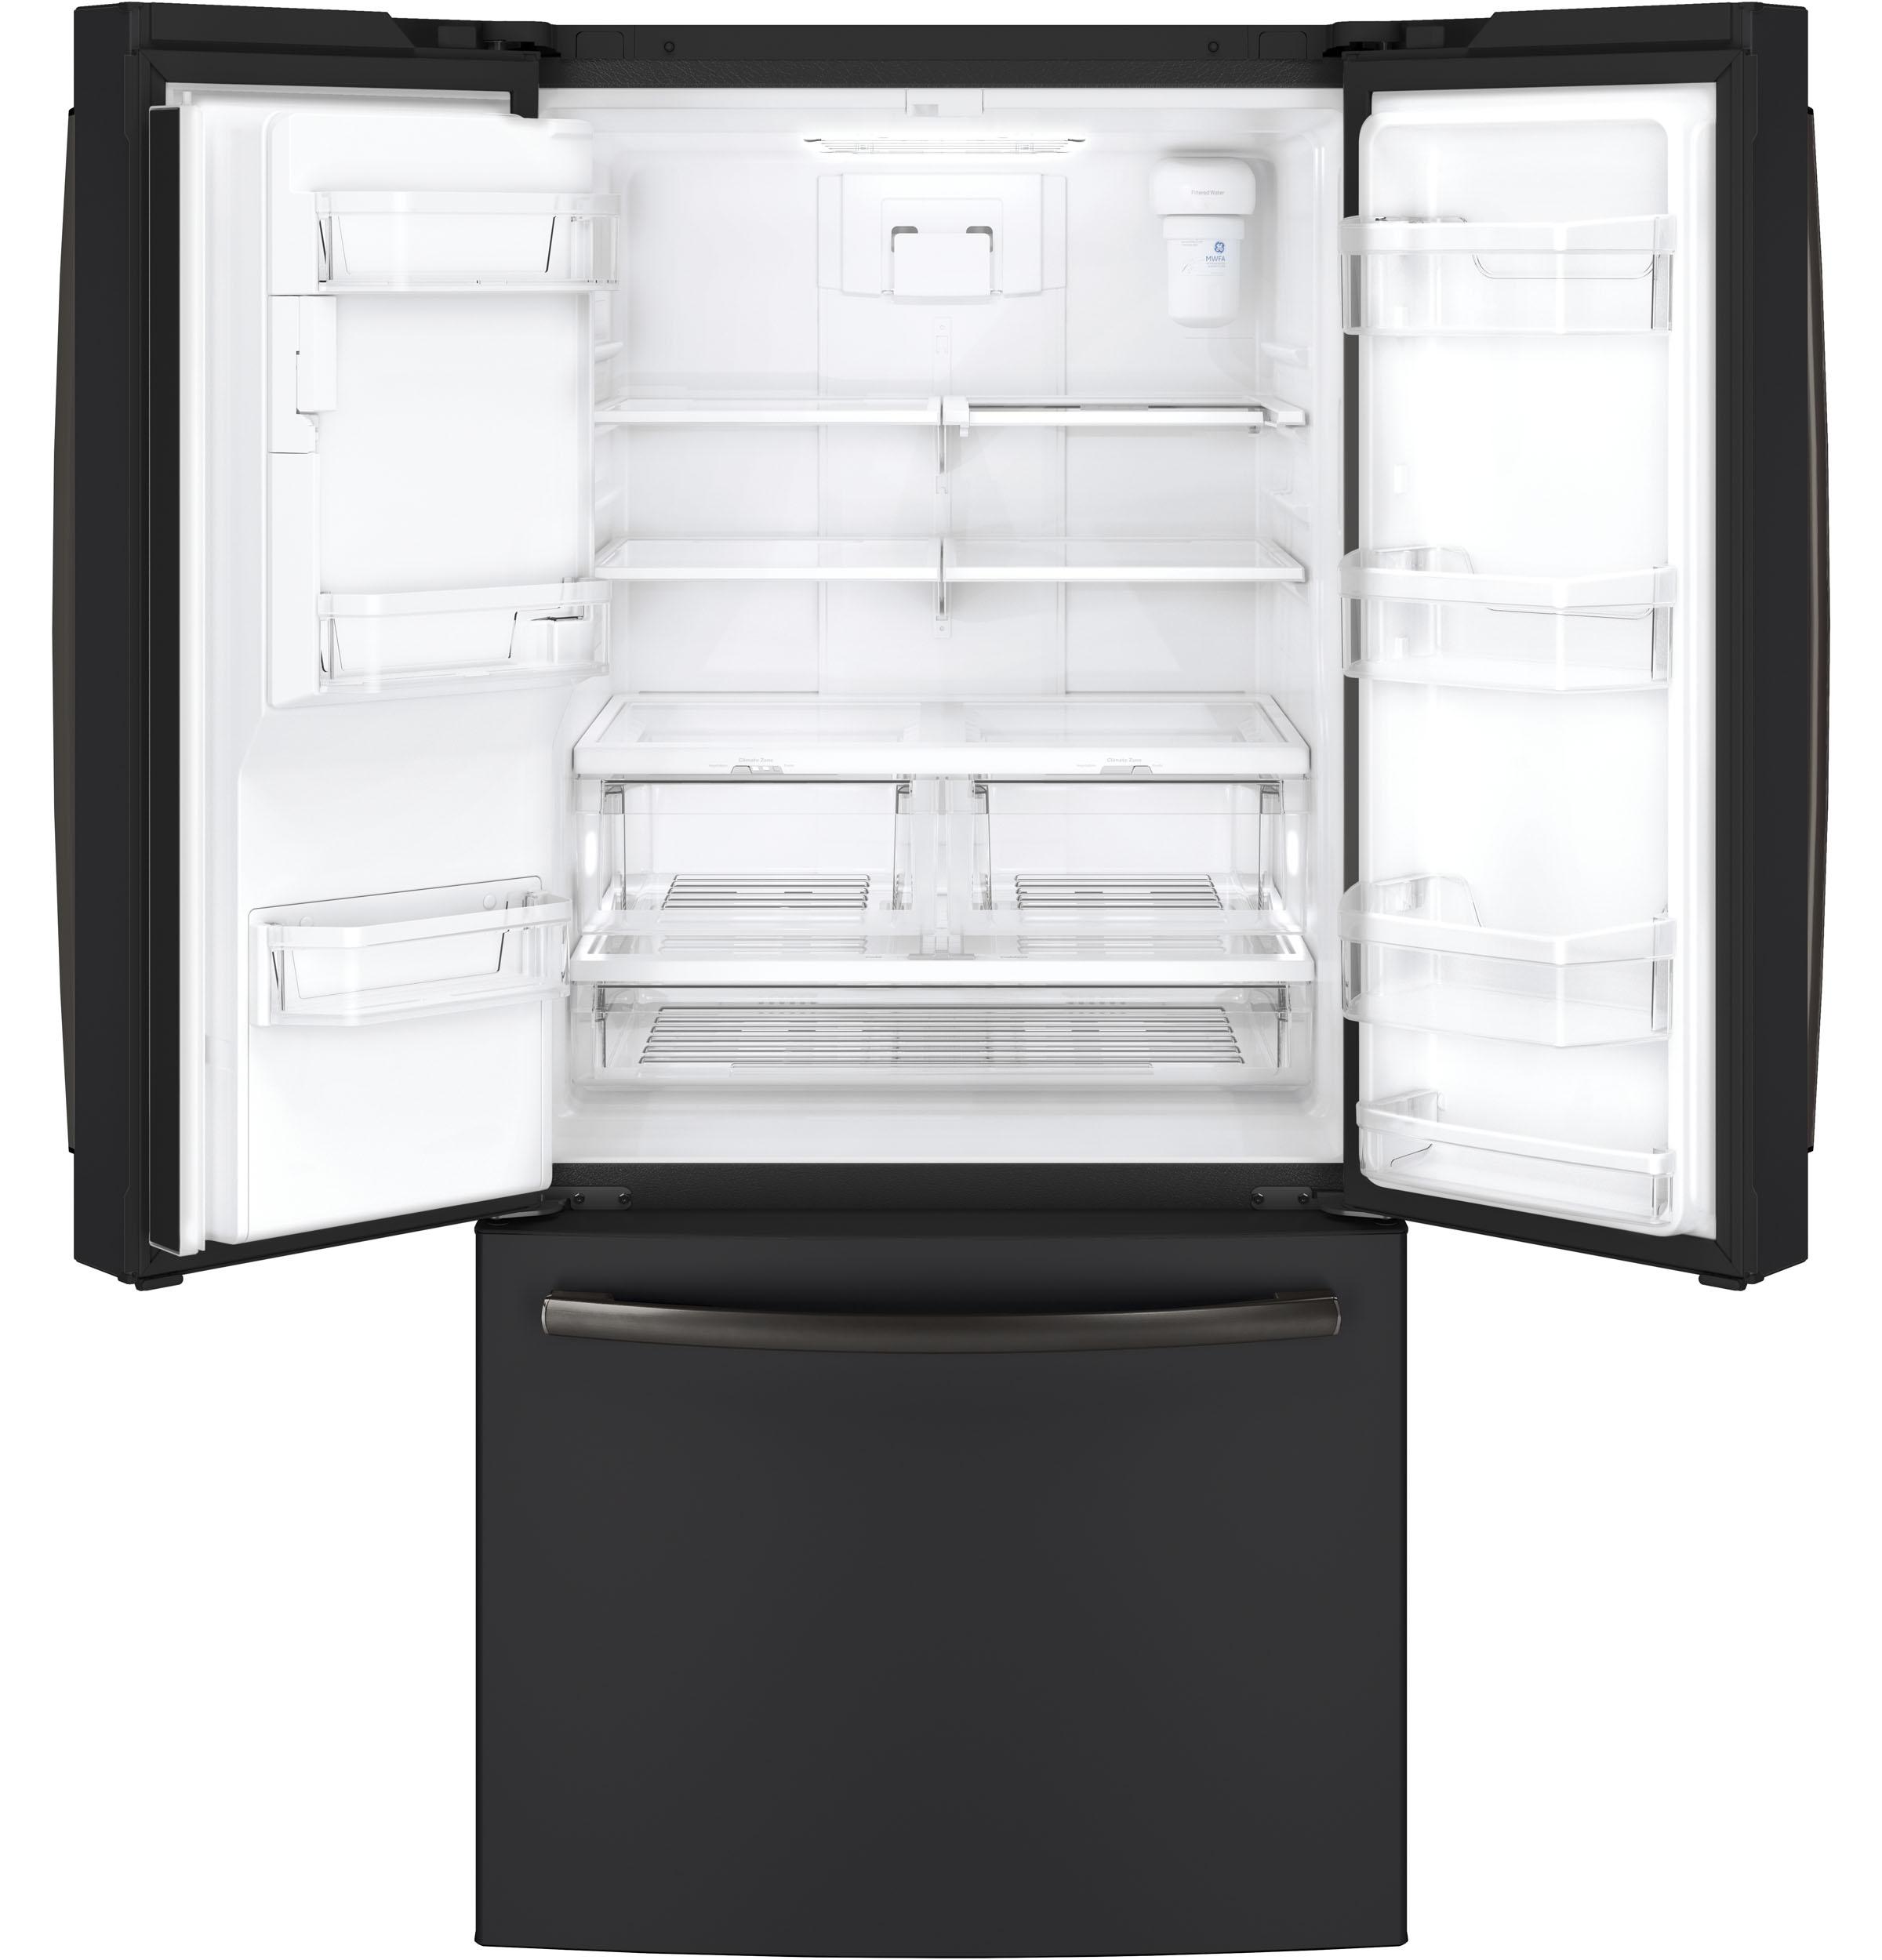 Model: GYE18JEMDS | GE® ENERGY STAR® 17.5 Cu. Ft. Counter-Depth French-Door Refrigerator